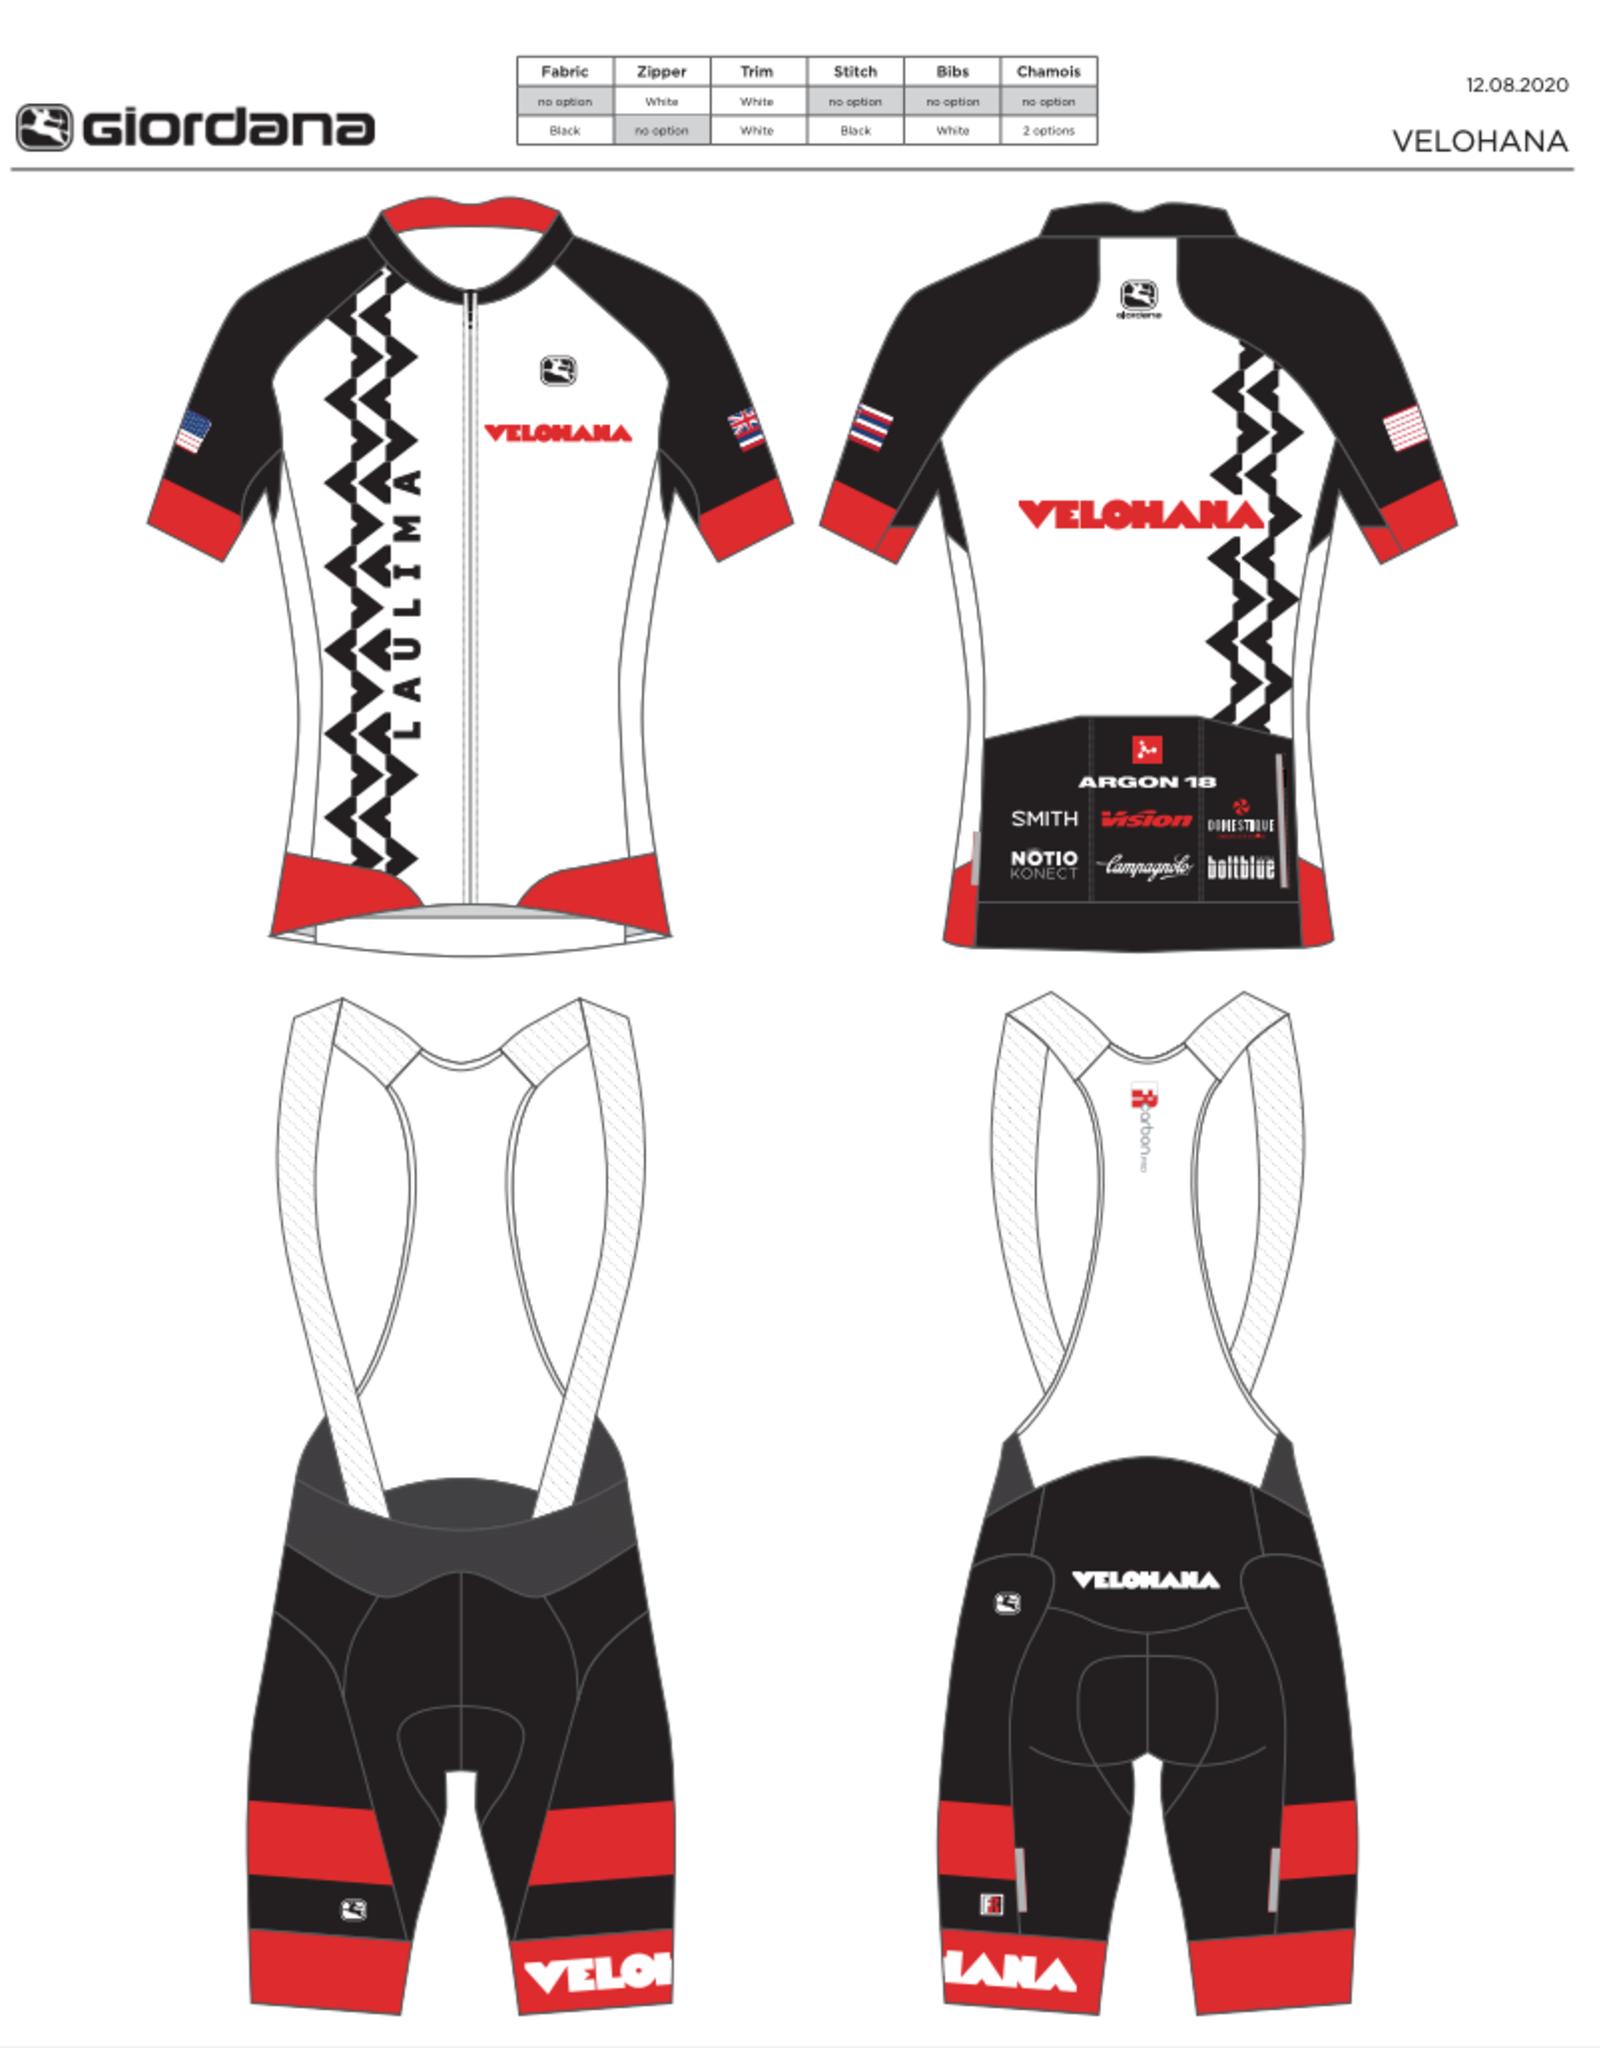 Laulima Kit Design by Velohana - Women's Jersey